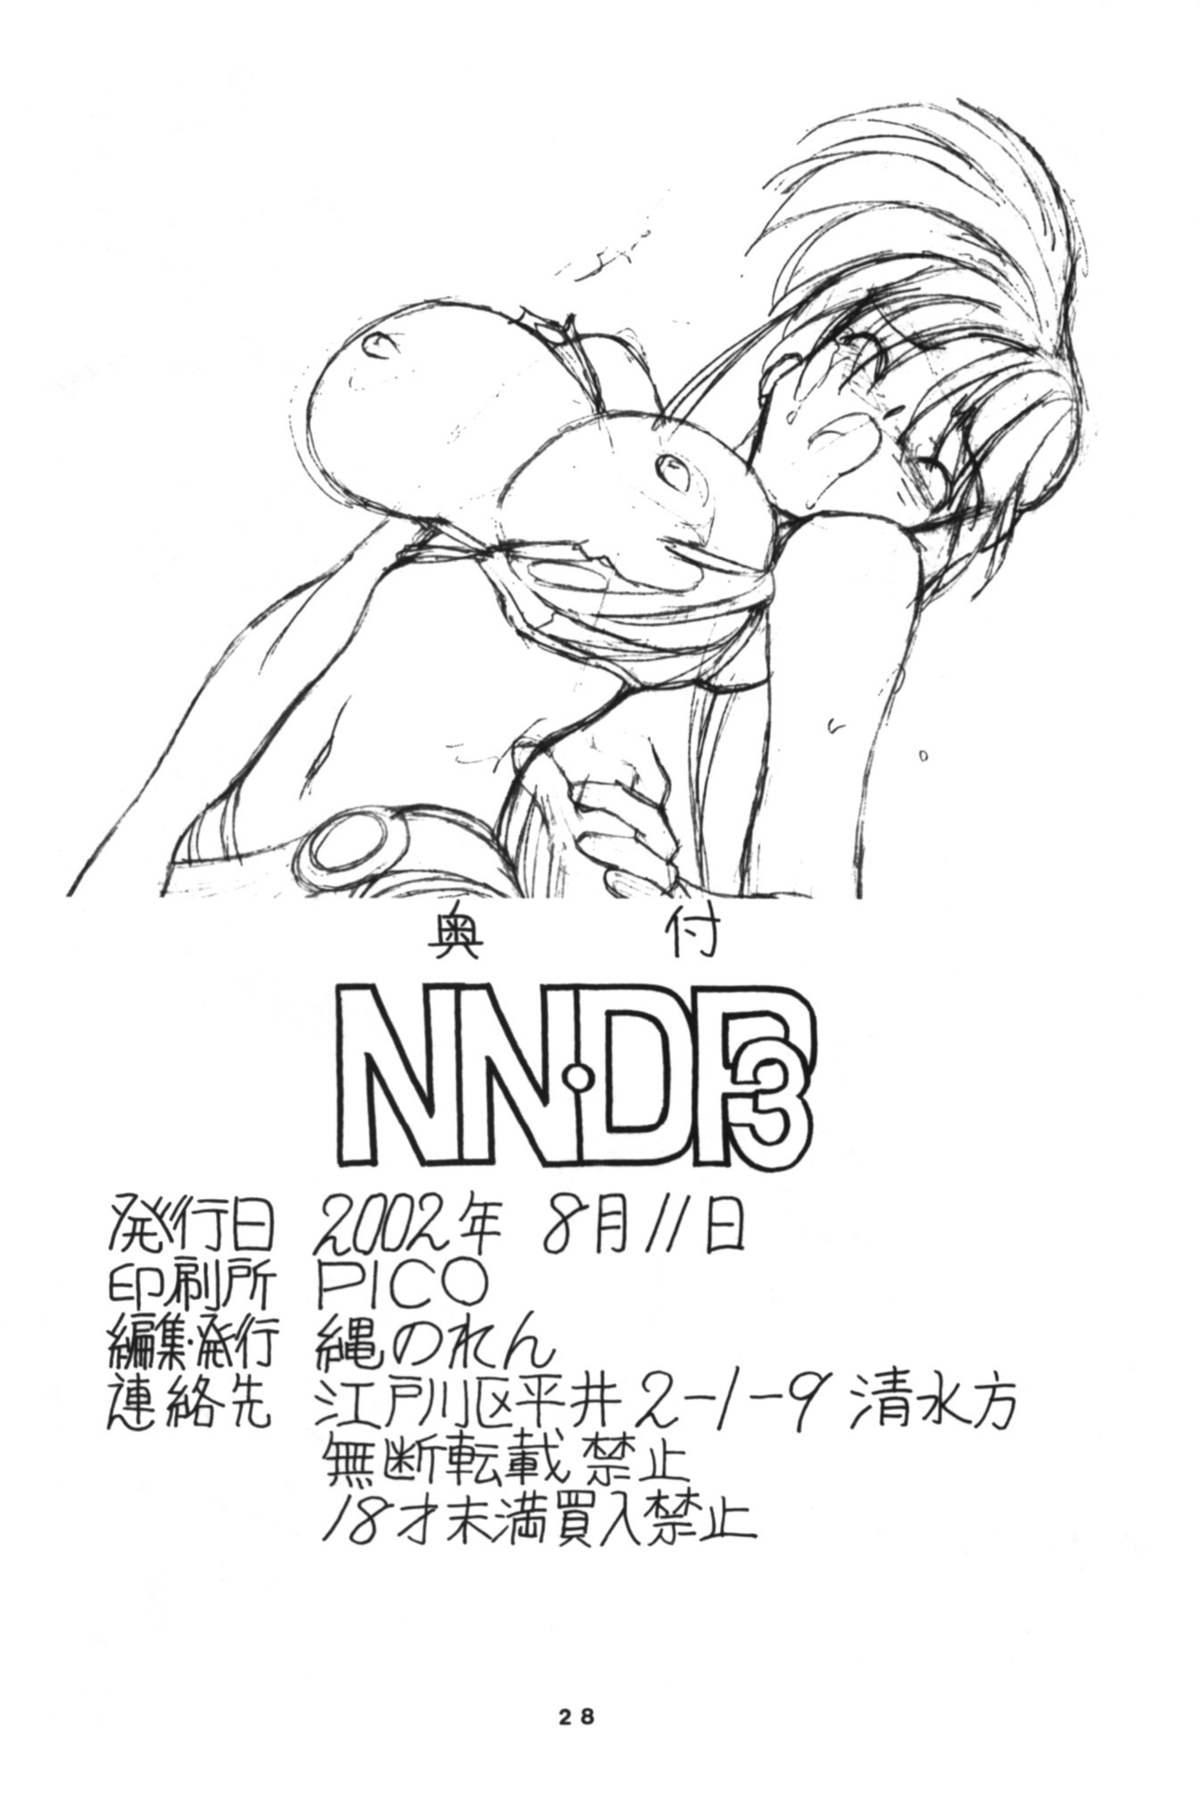 NNDP 3 27